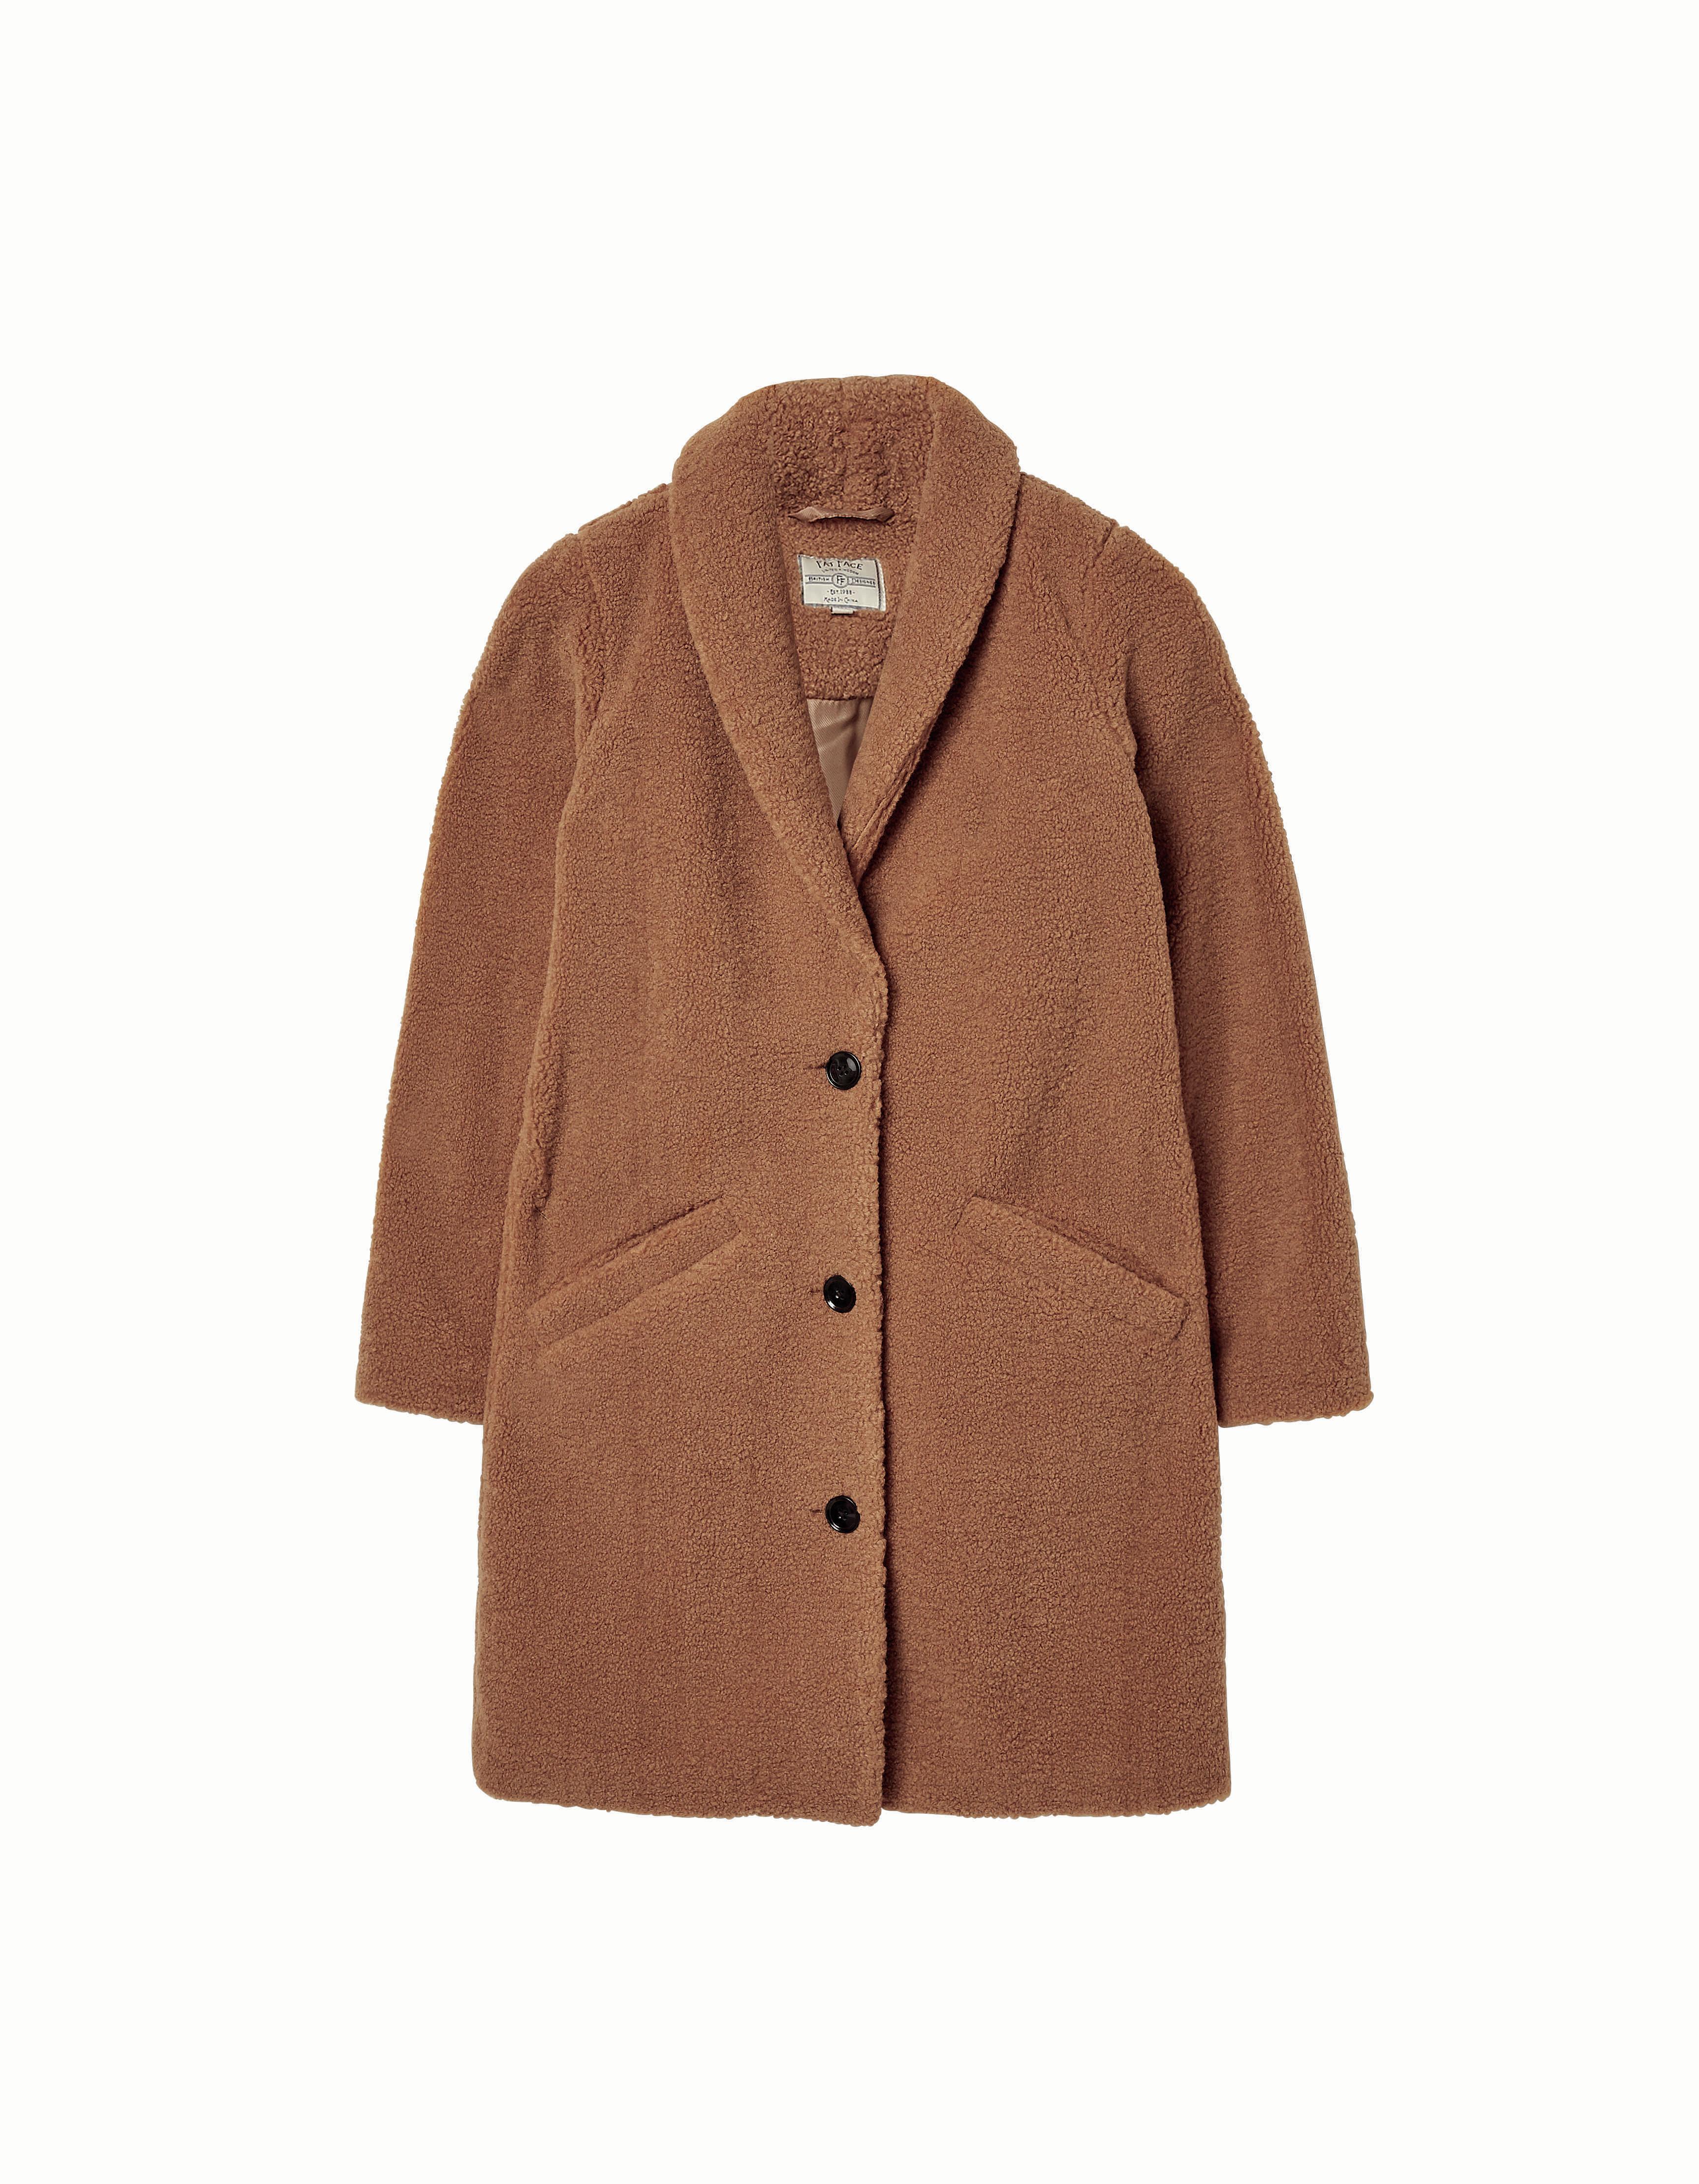 Caroline Teddy Coat in Biscuit £89, FatFace